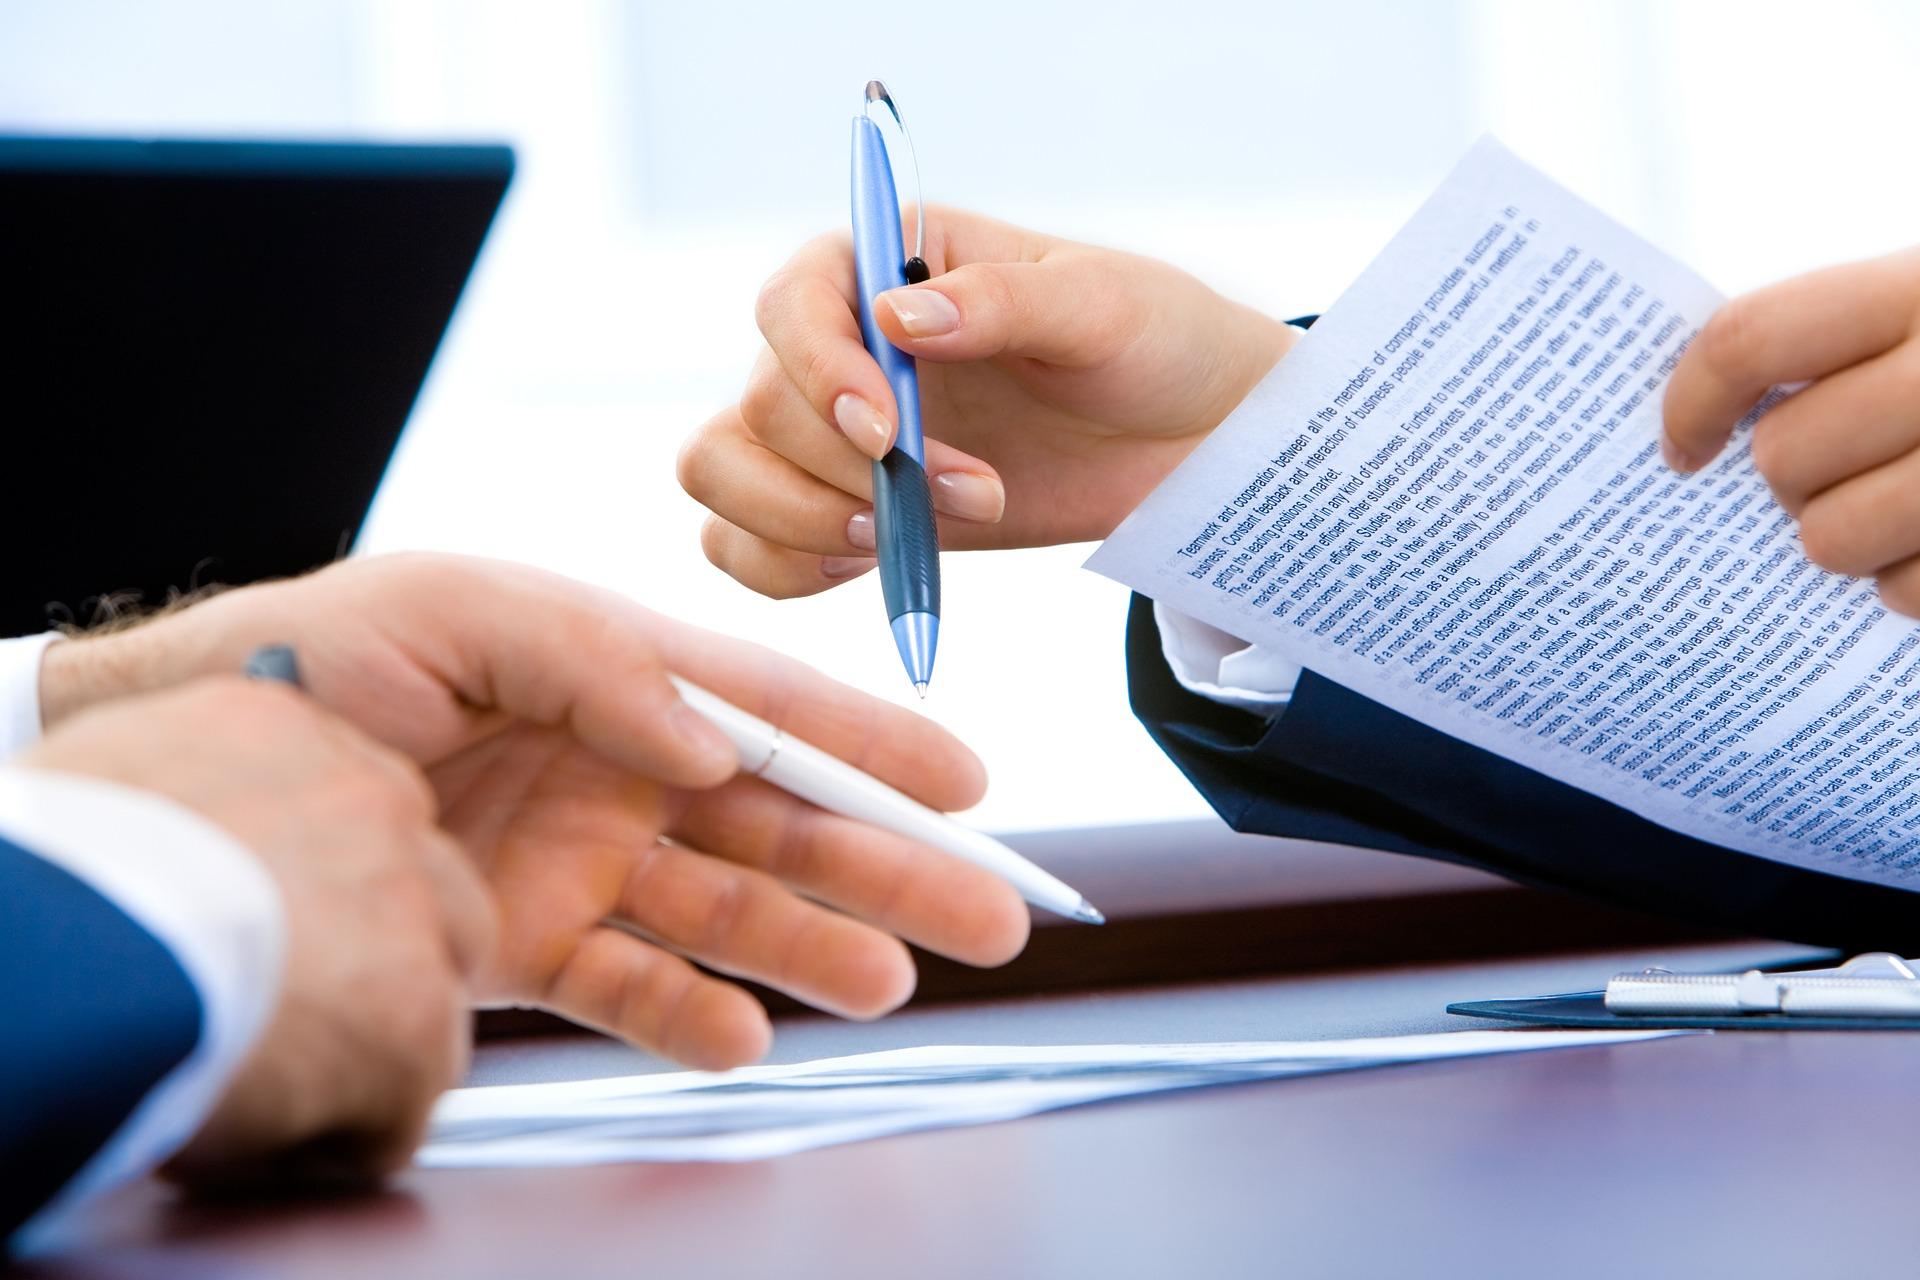 La Junta Empleo inicia el pago de las ayudas de 300 euros a autónomos y mutualistas